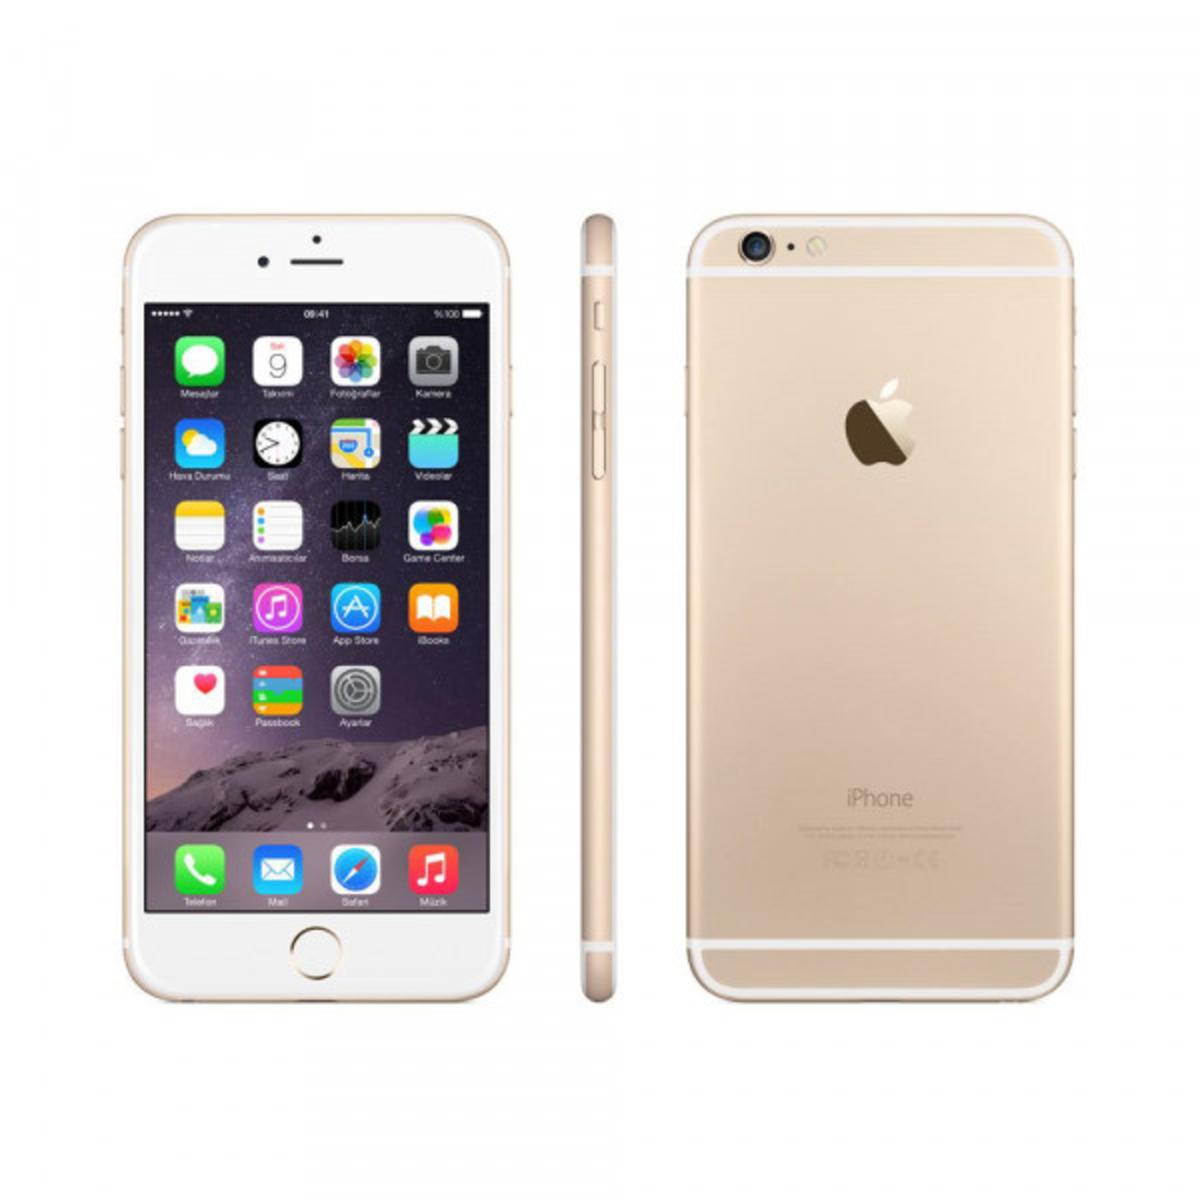 iphone 6 32gb case